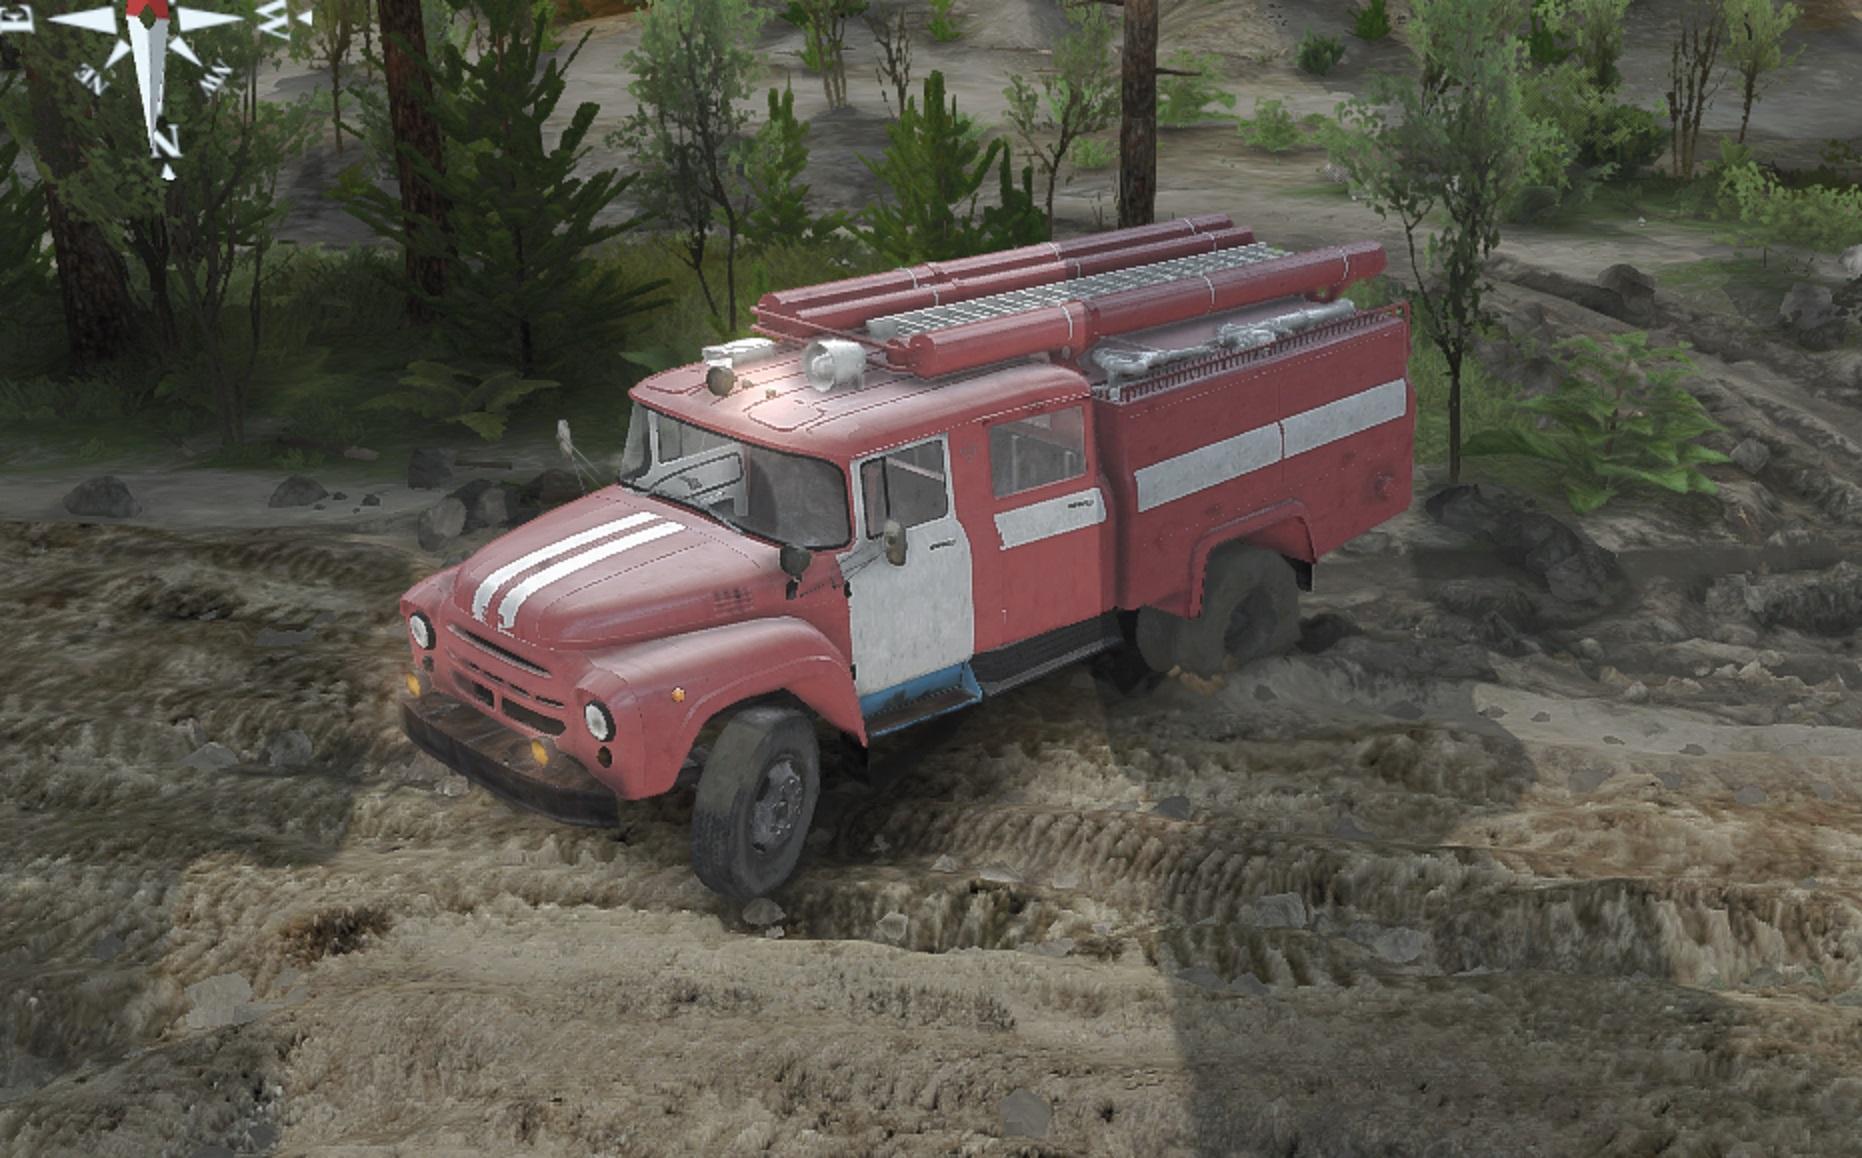 Пожарный ЗиЛ 130 АЦ-40 для версии 8.11.15 - Spintires